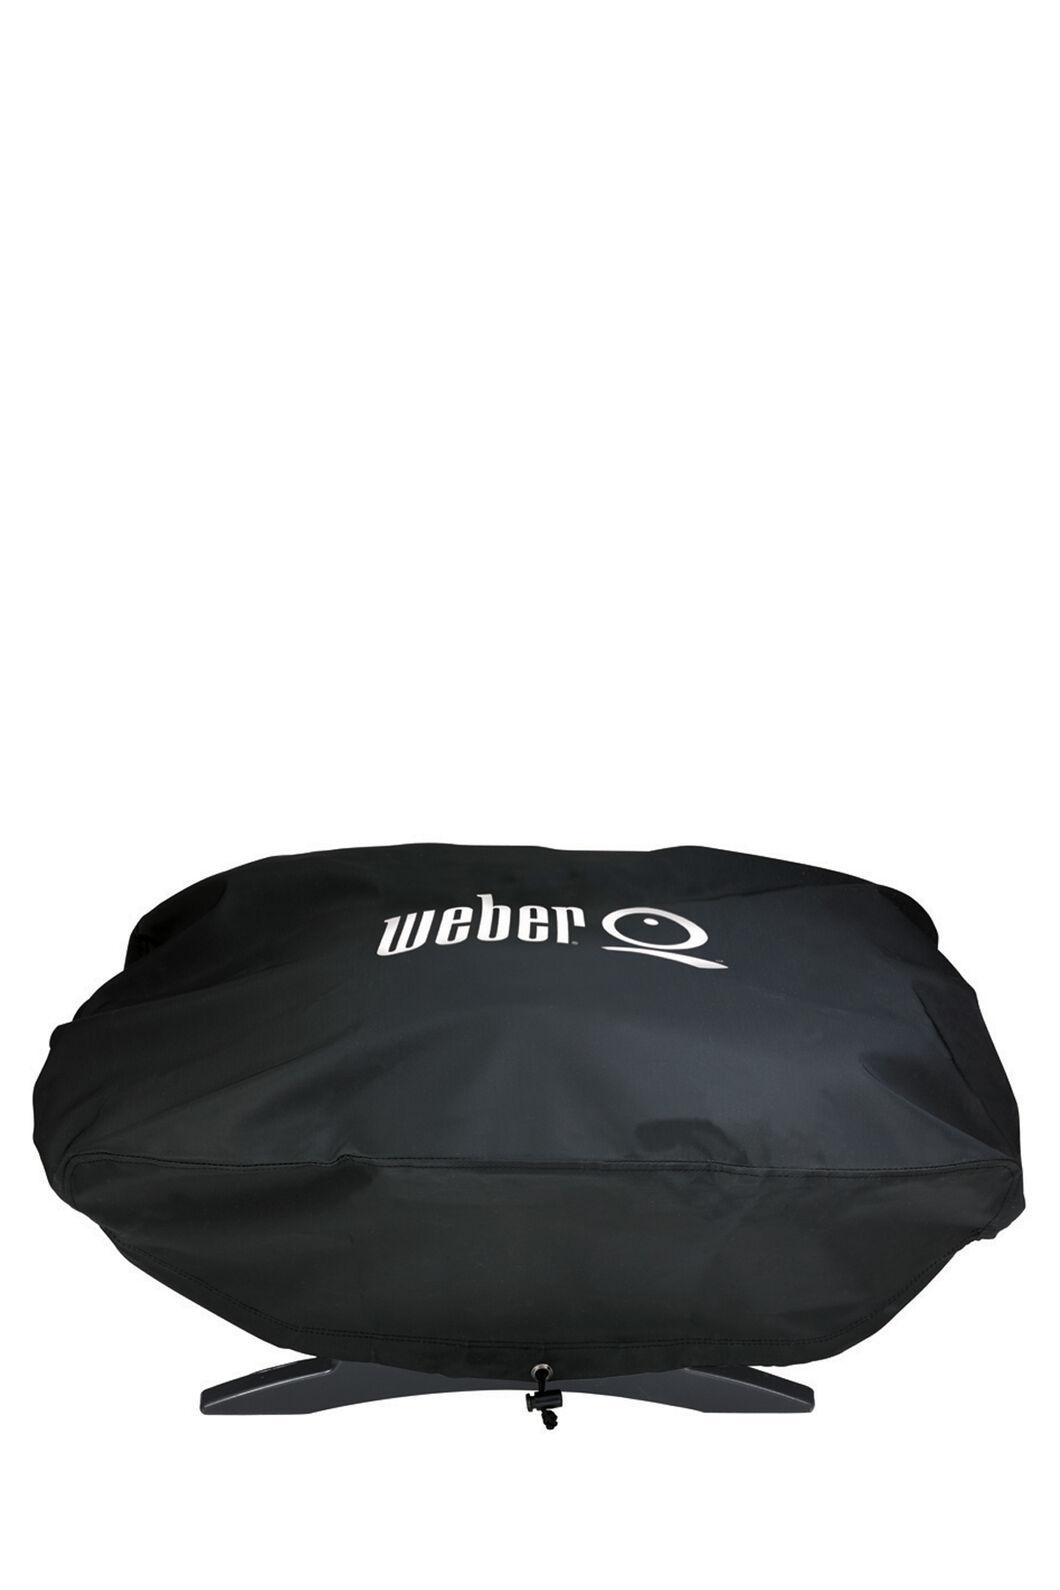 Weber Baby Q Vinyl BBQ Cover, None, hi-res